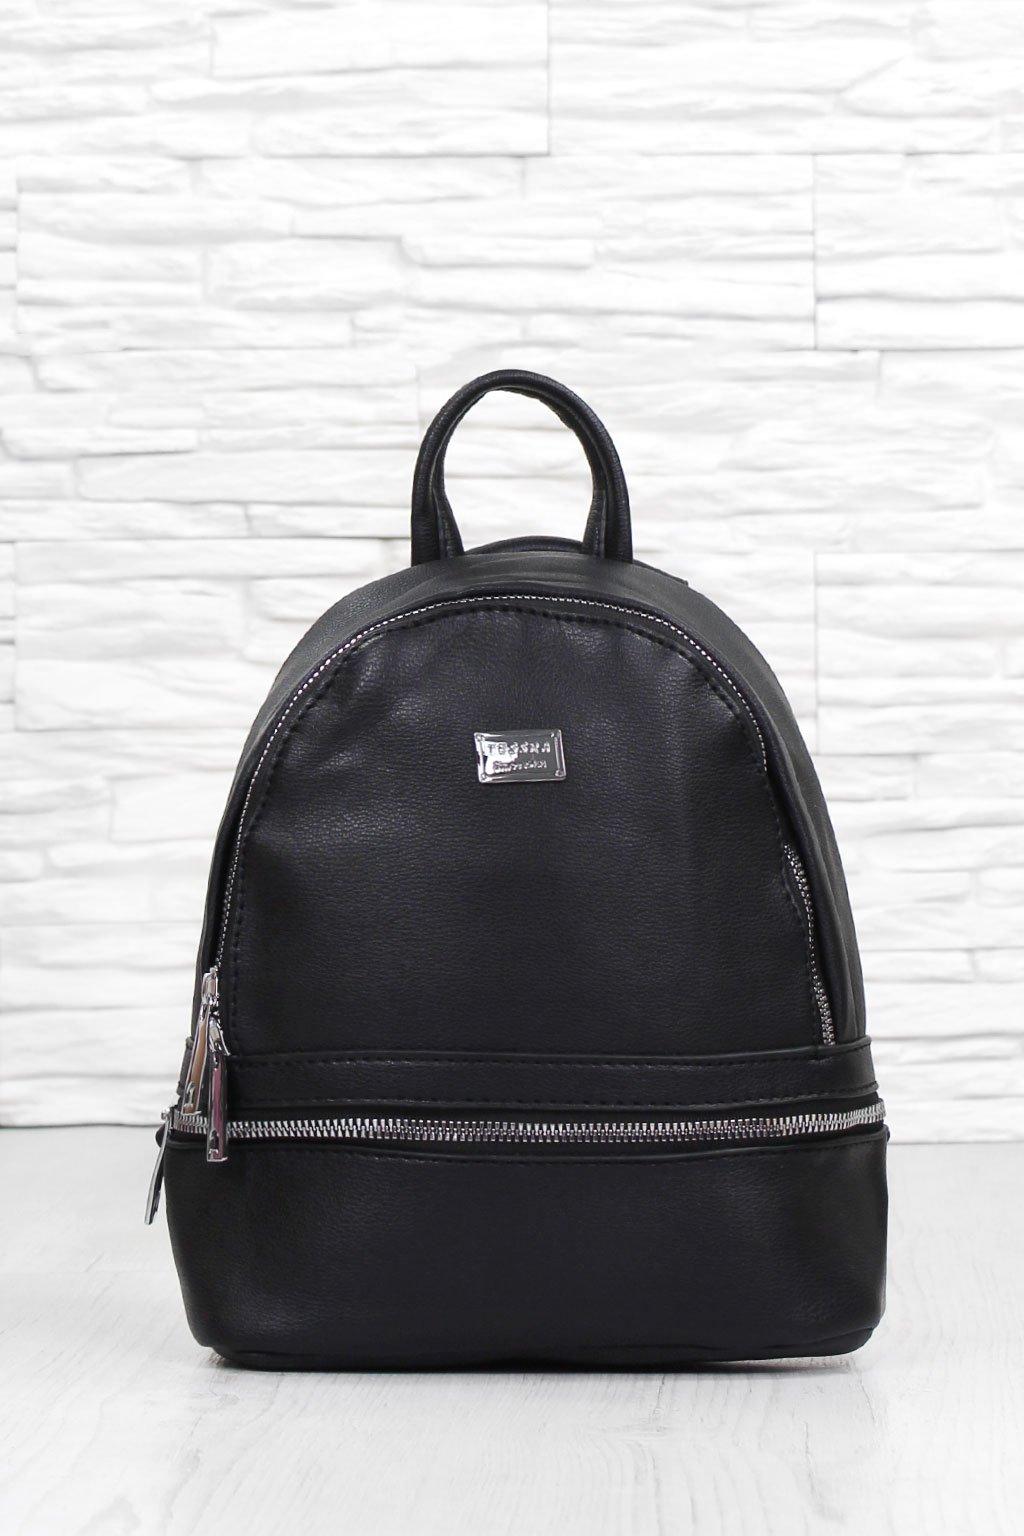 Malý černý batoh 4704 TS (1)